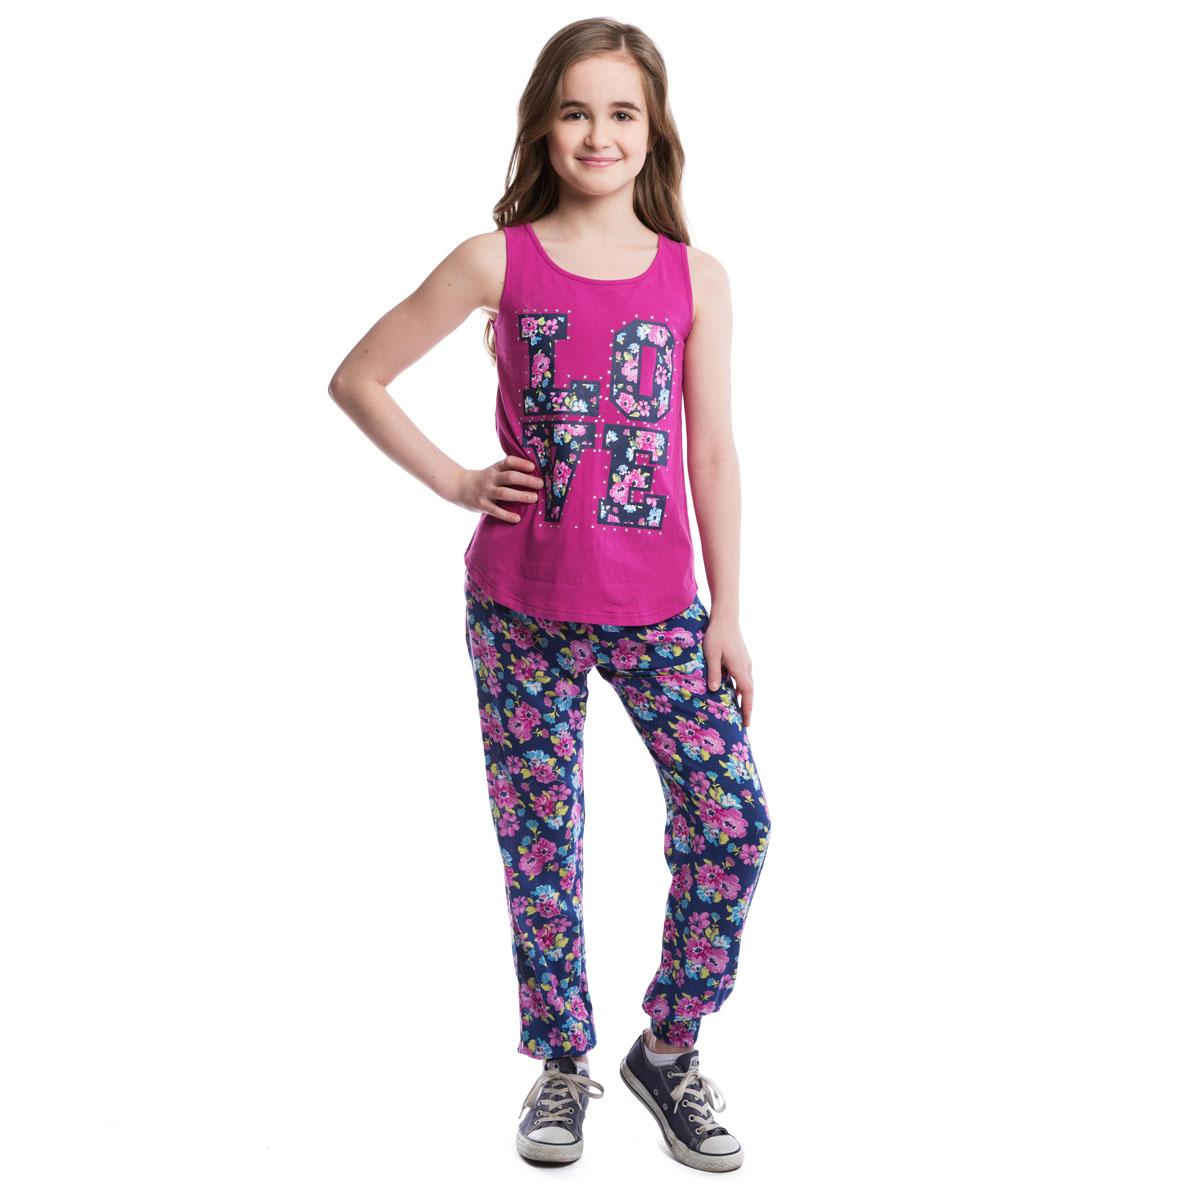 Брюки264004Легкие и воздушные брюки из вискозы в стиле принцессы Жасмин со стильным цветочным принтом. На талии изделие дополнено вшитой широкой резинкой и затягивающимся шнурком, имеются два глубоких втачных кармана. Низ брючин оформлен вшитой резинкой.